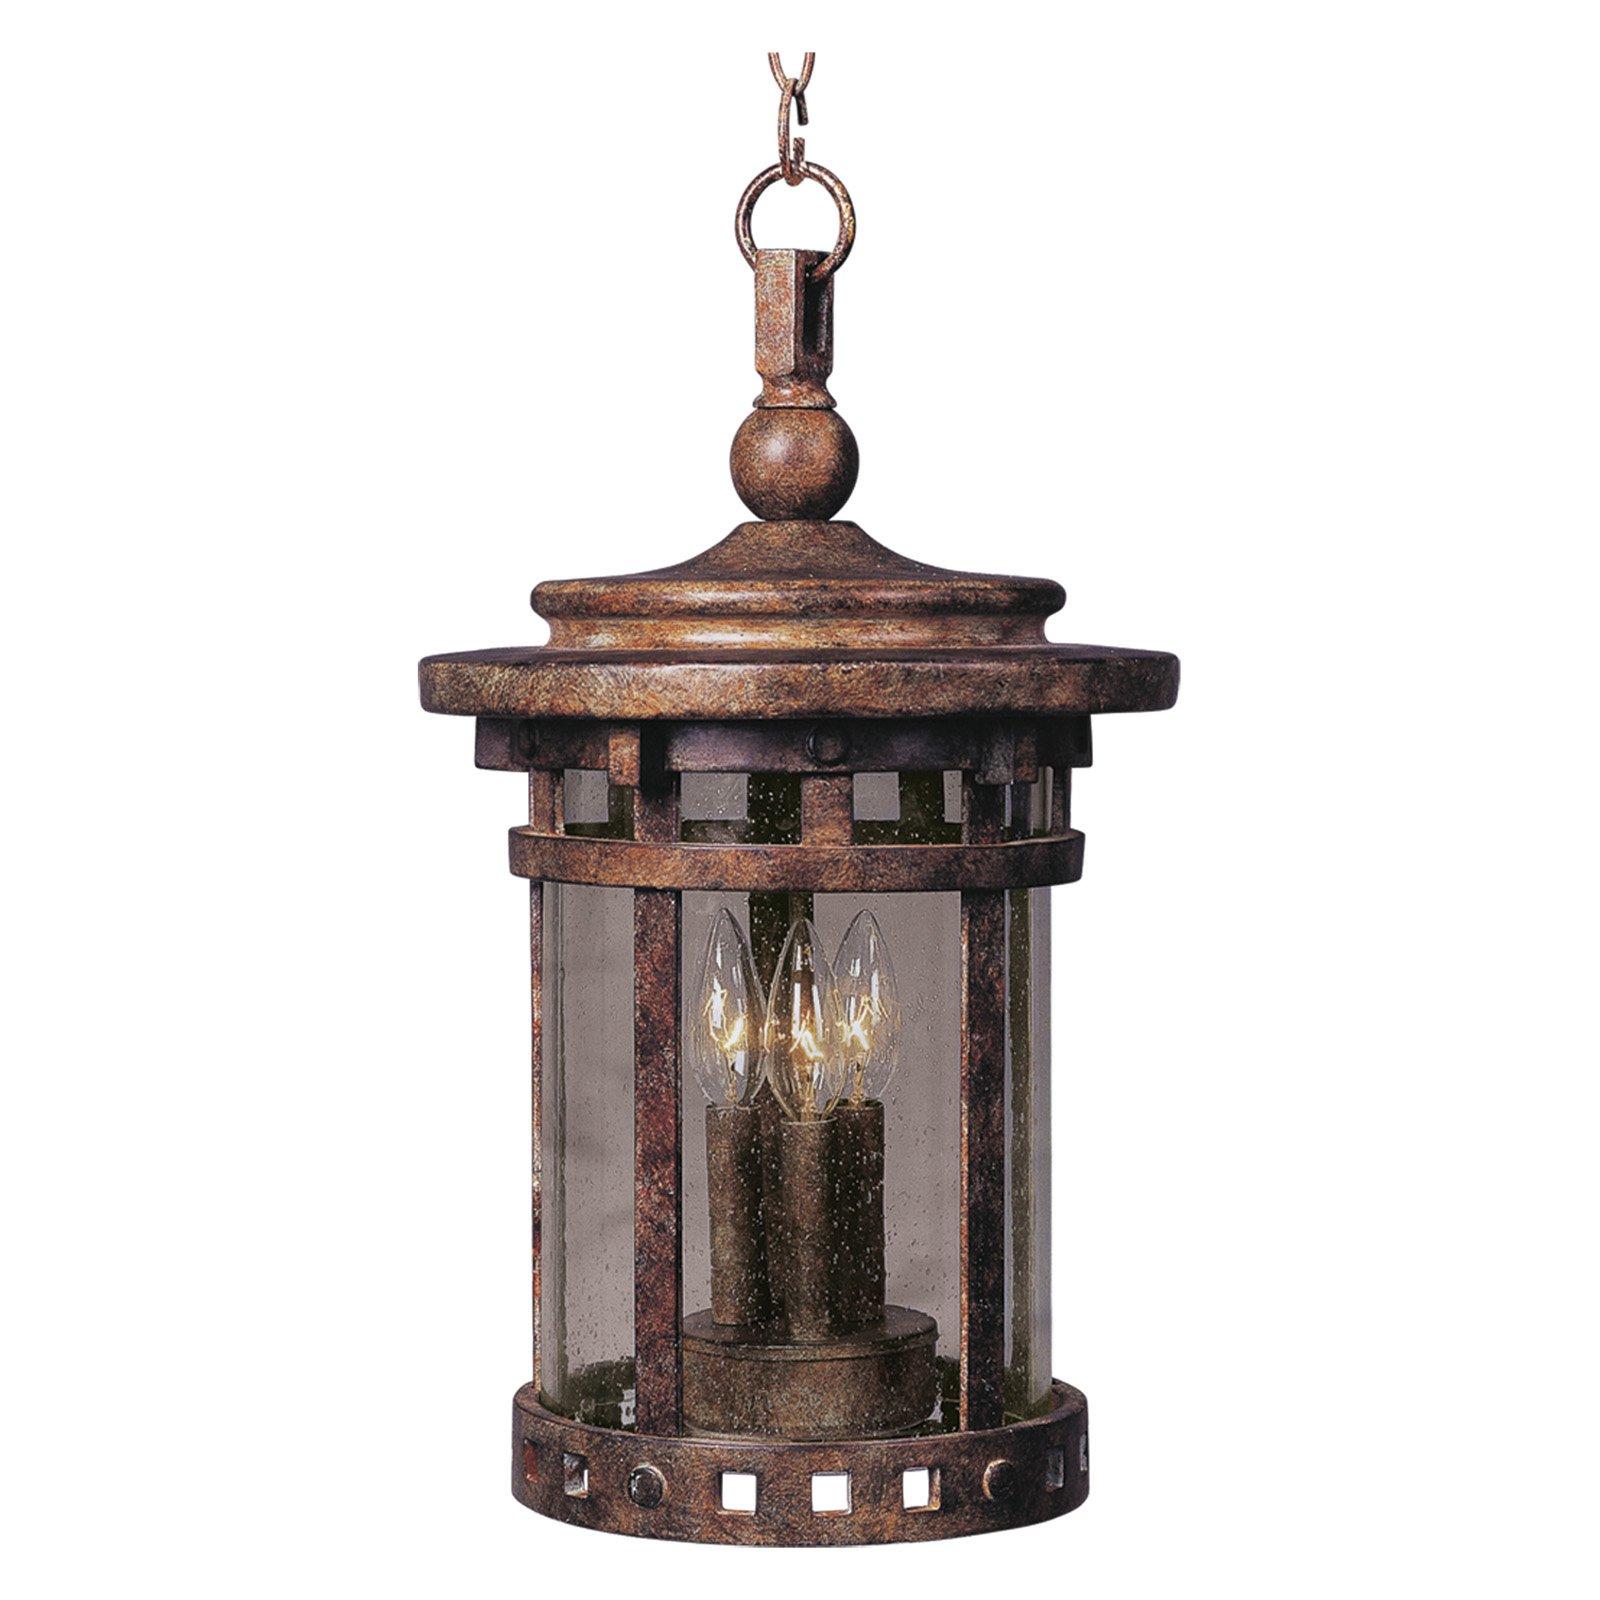 Maxim Santa Barbara DC Outdoor Hanging Lantern - 17.5H in. Sienna